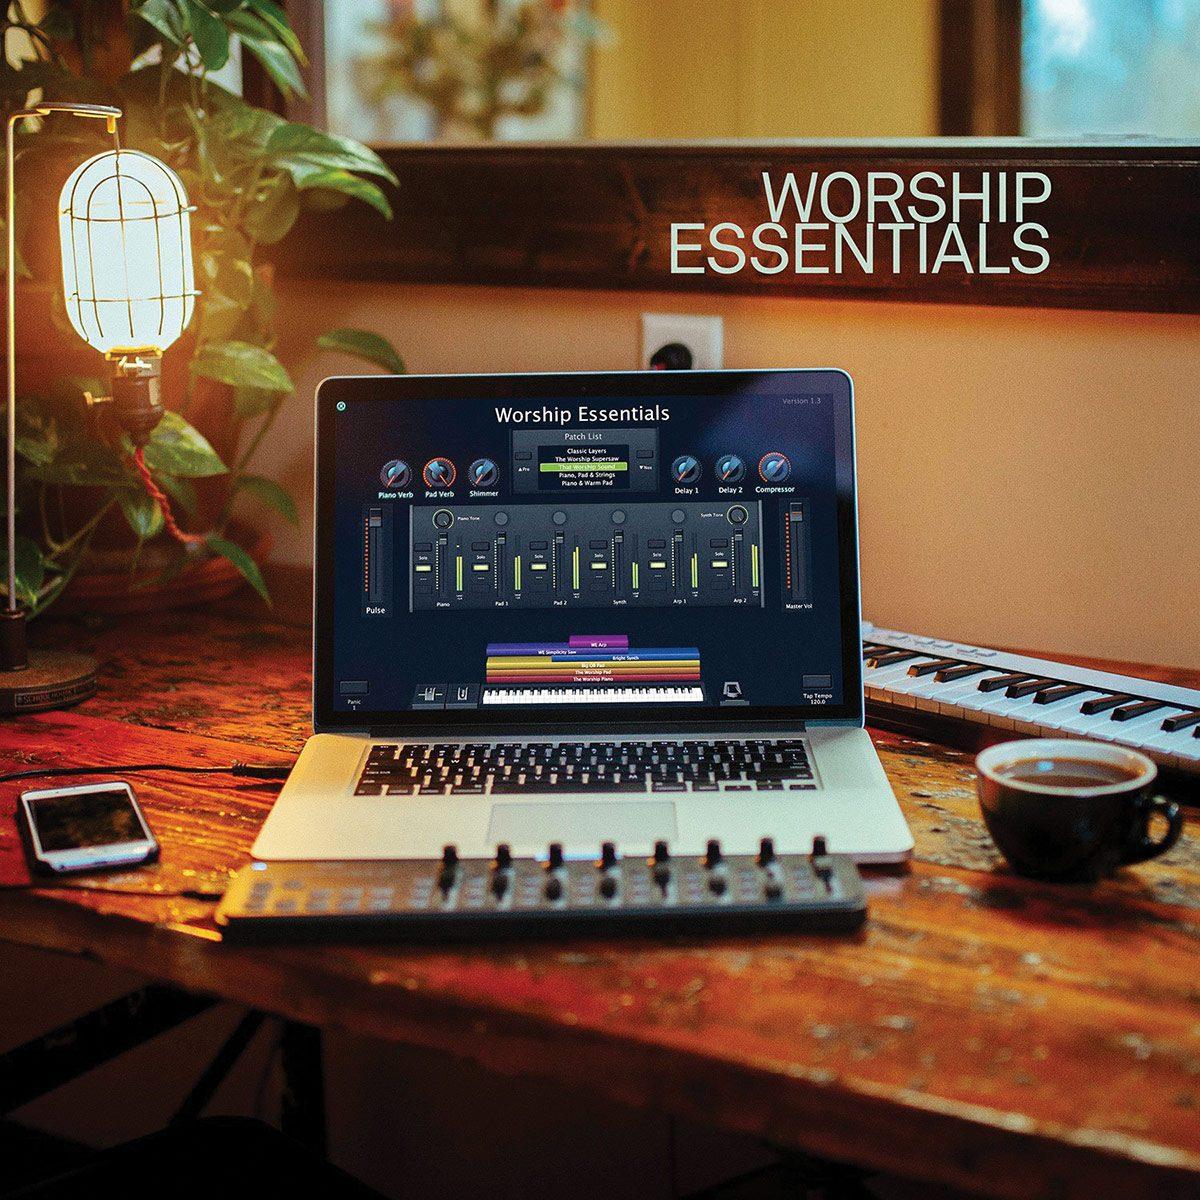 Worshp Essentials